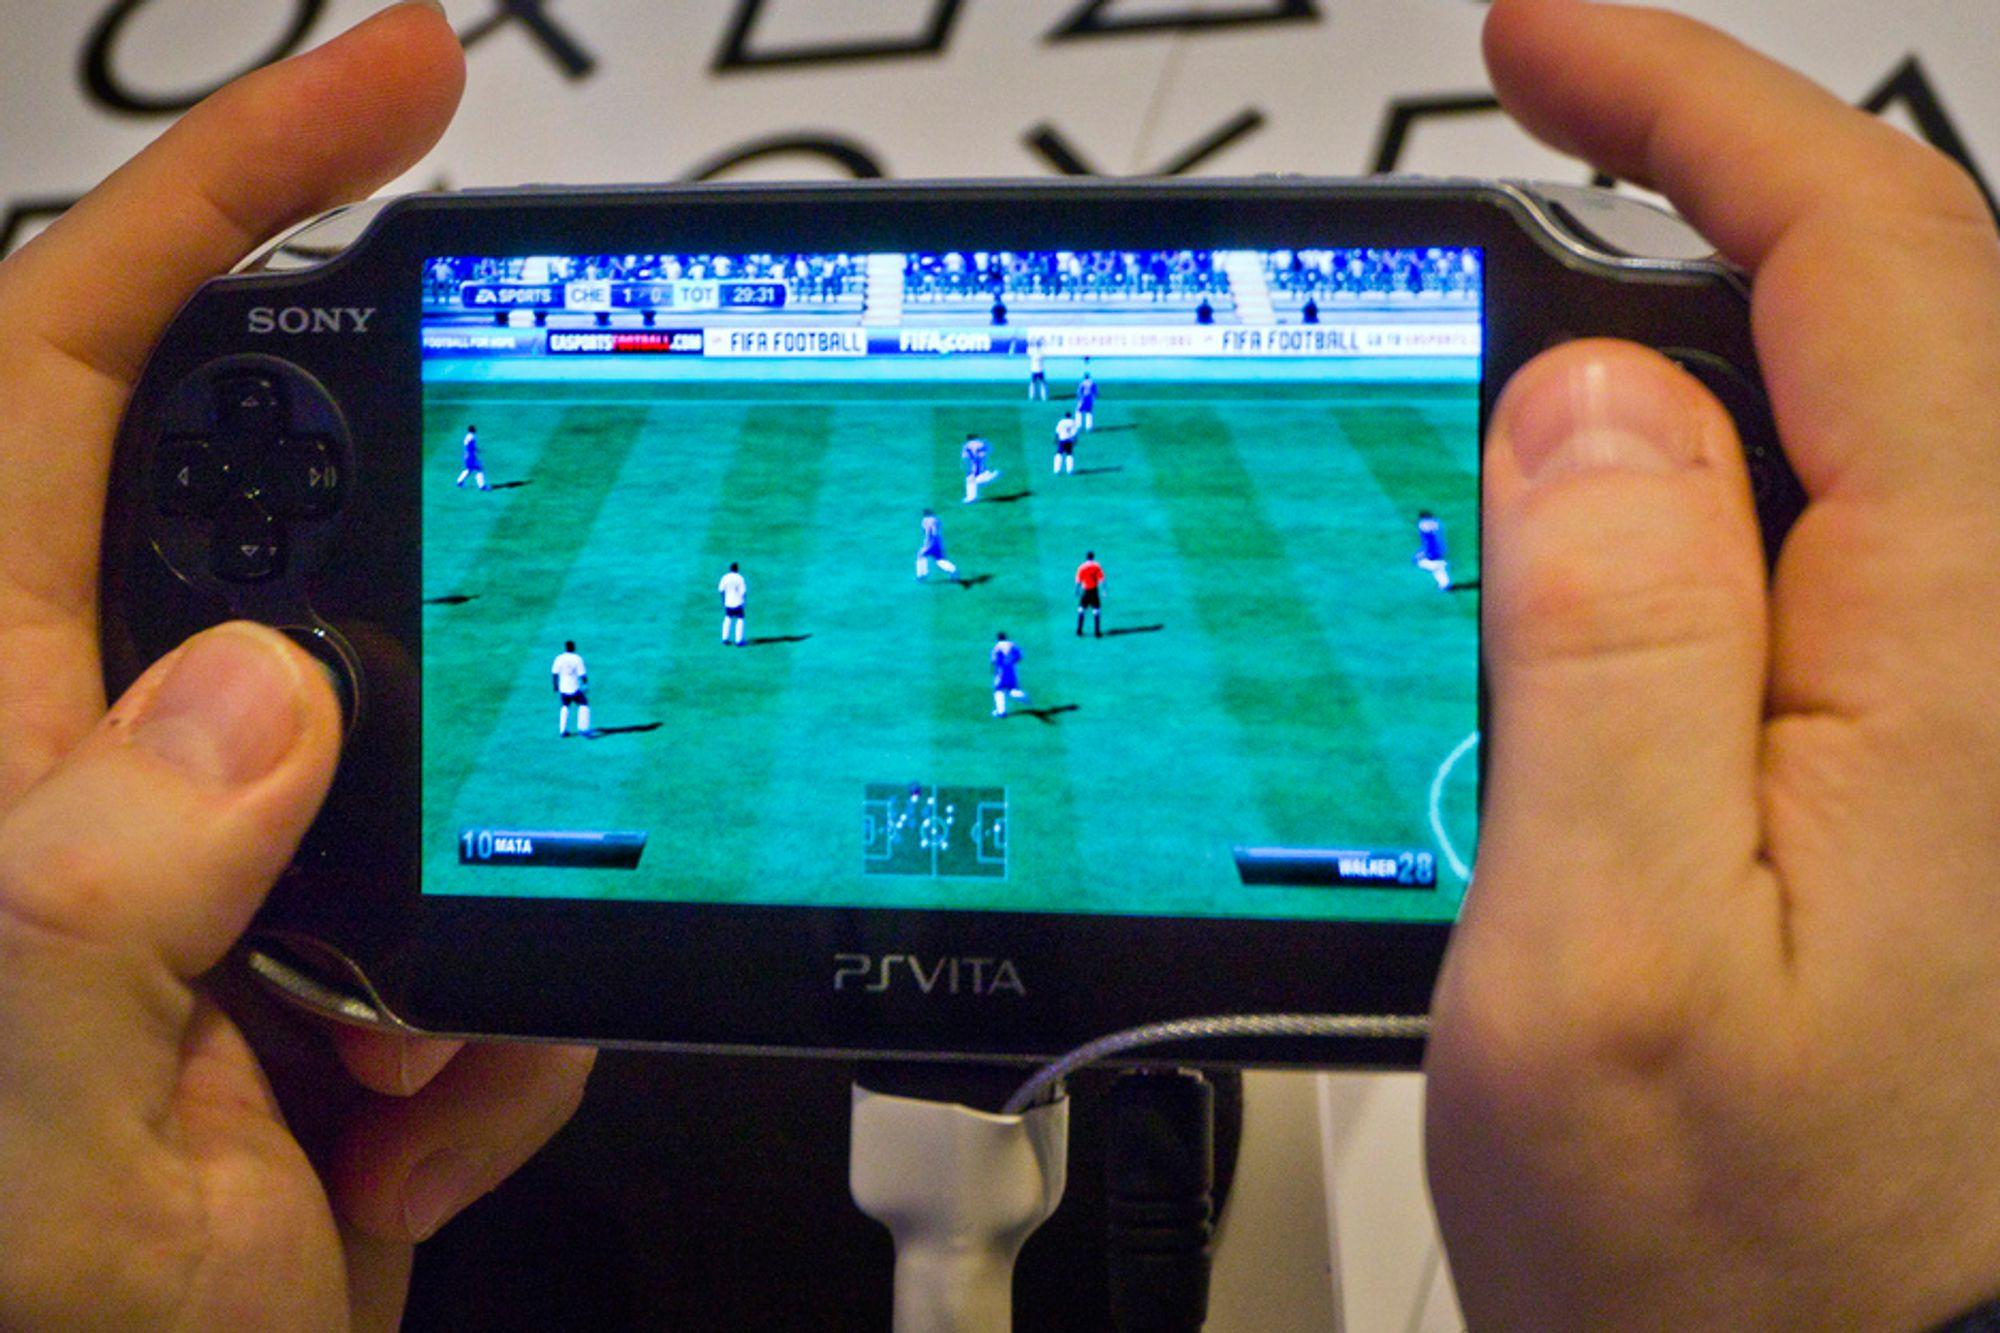 FOTBALL: Det er nesten som et lite vindu mot fotballbanen når grafikk-kraften slippes løs på den høyoppløselige OLED-skjermen.